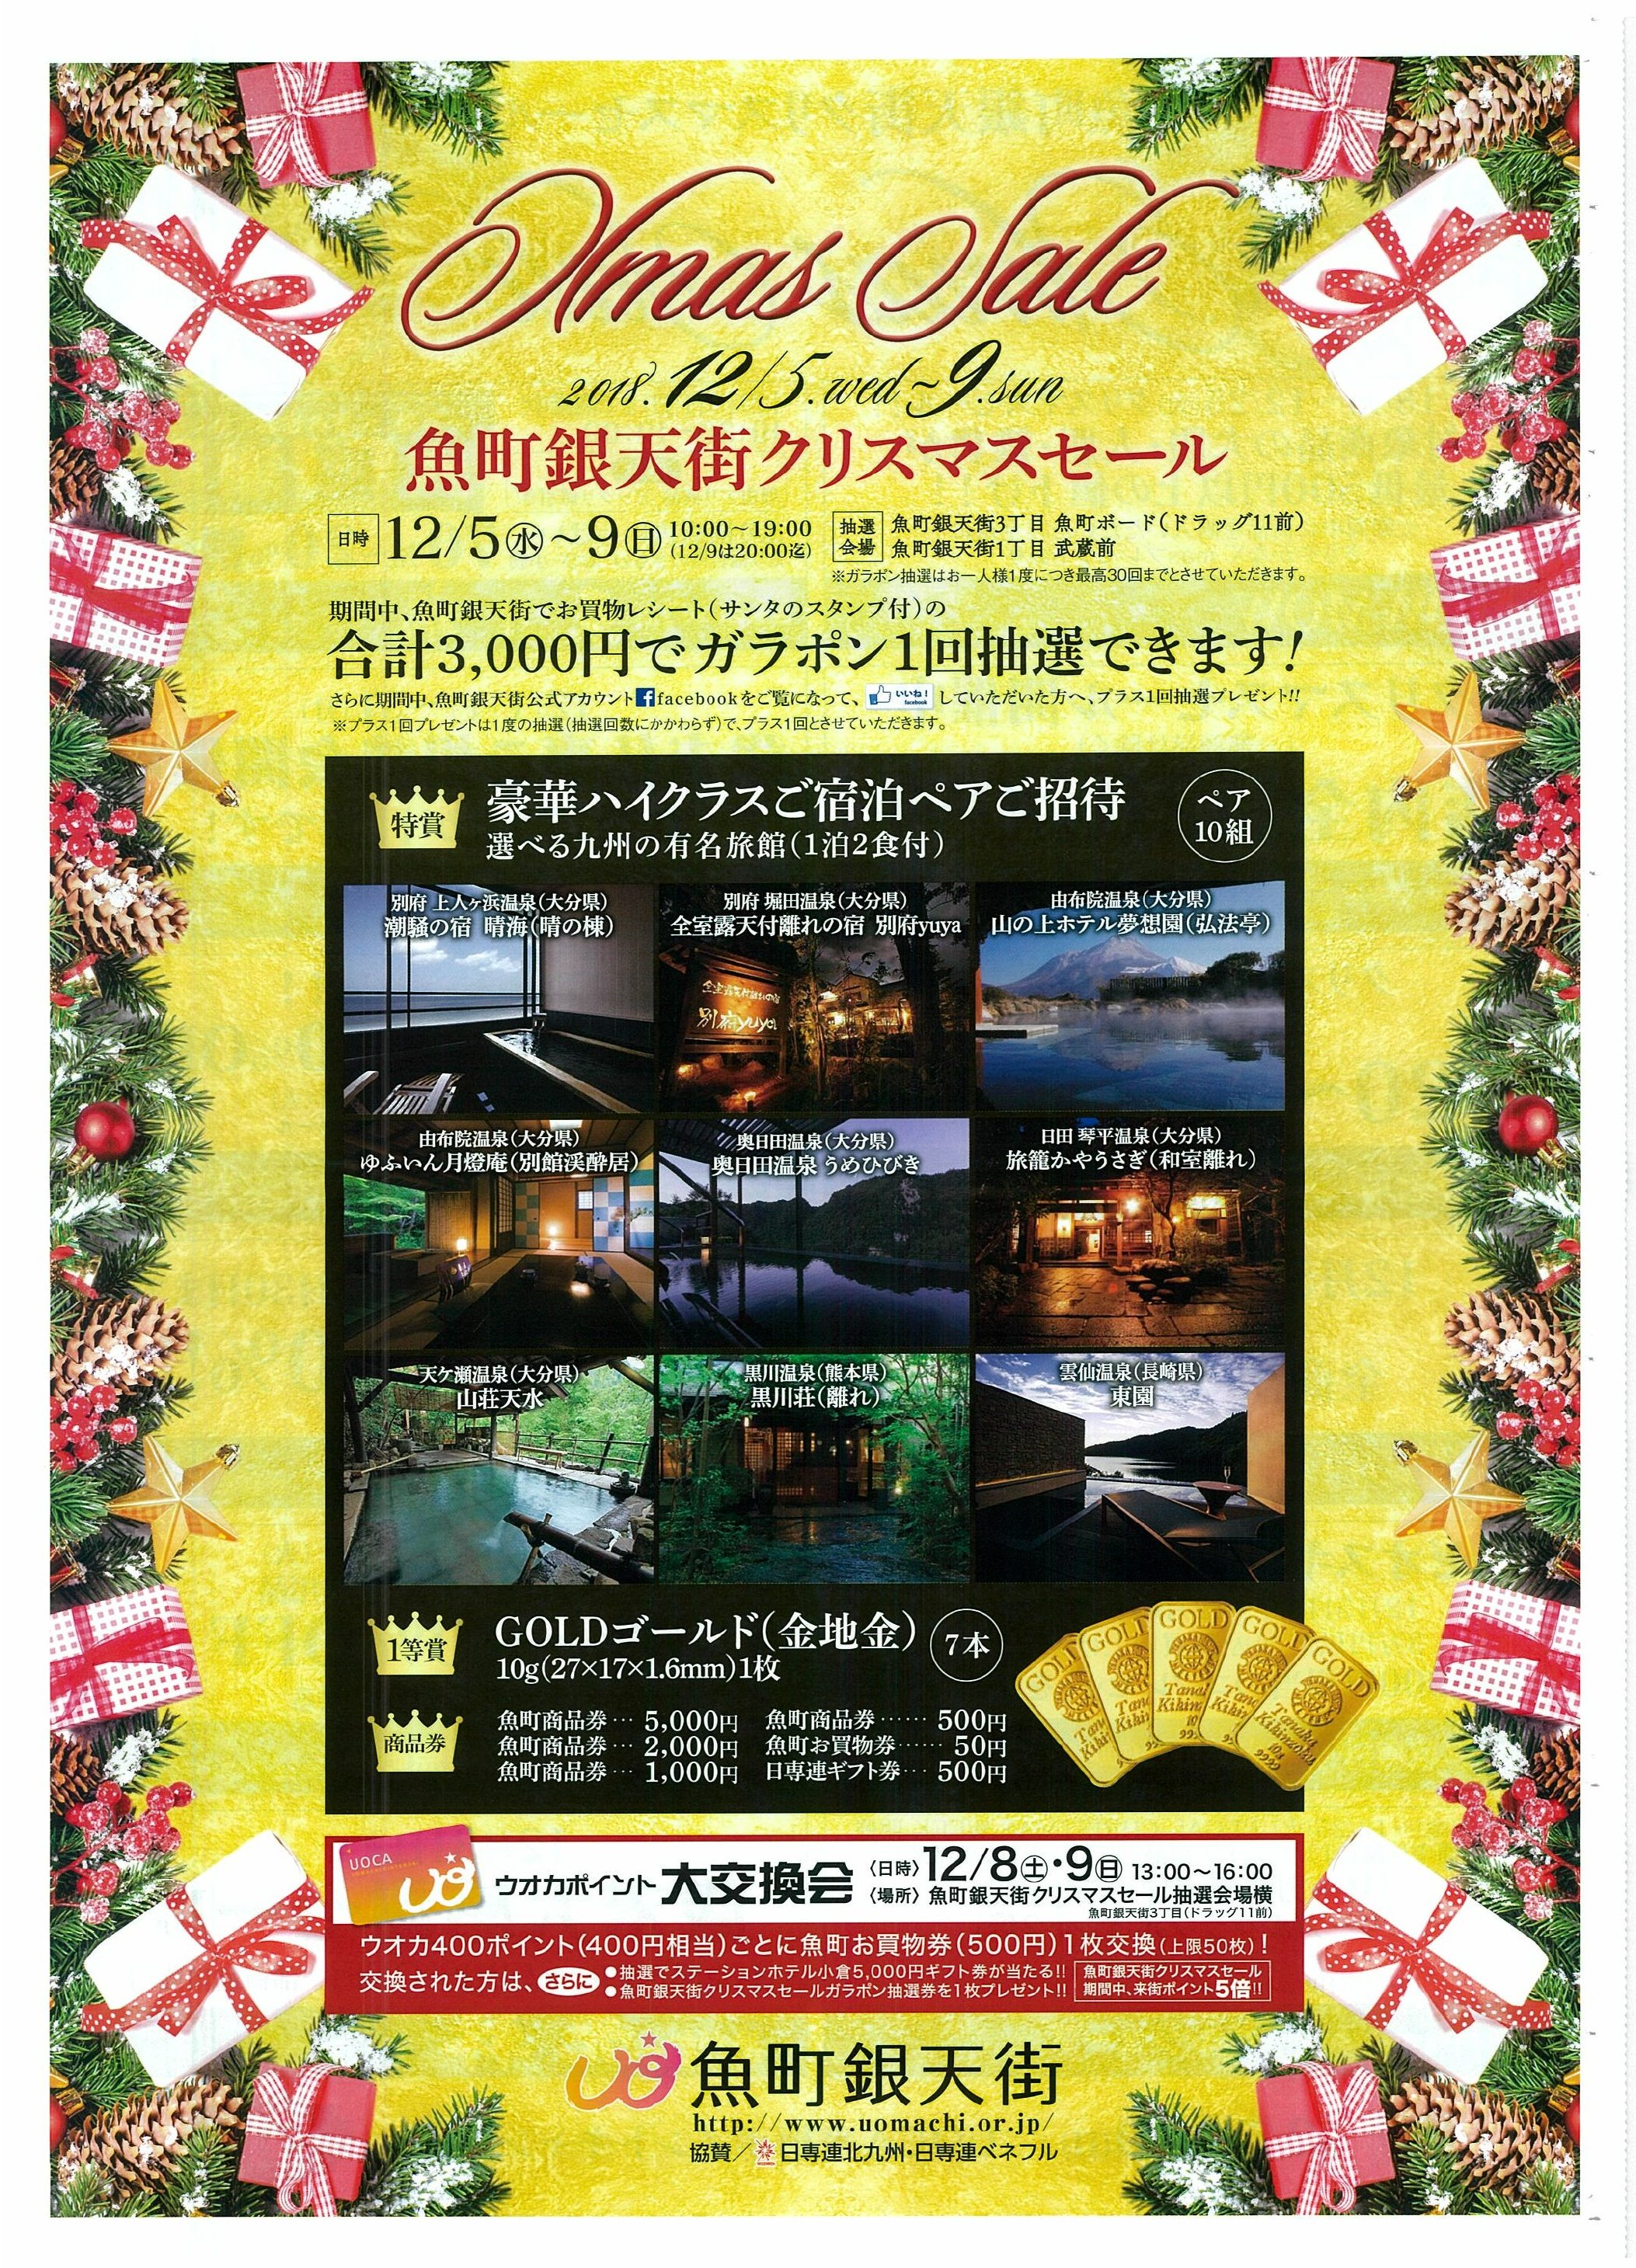 魚町銀天街クリスマスレール-1